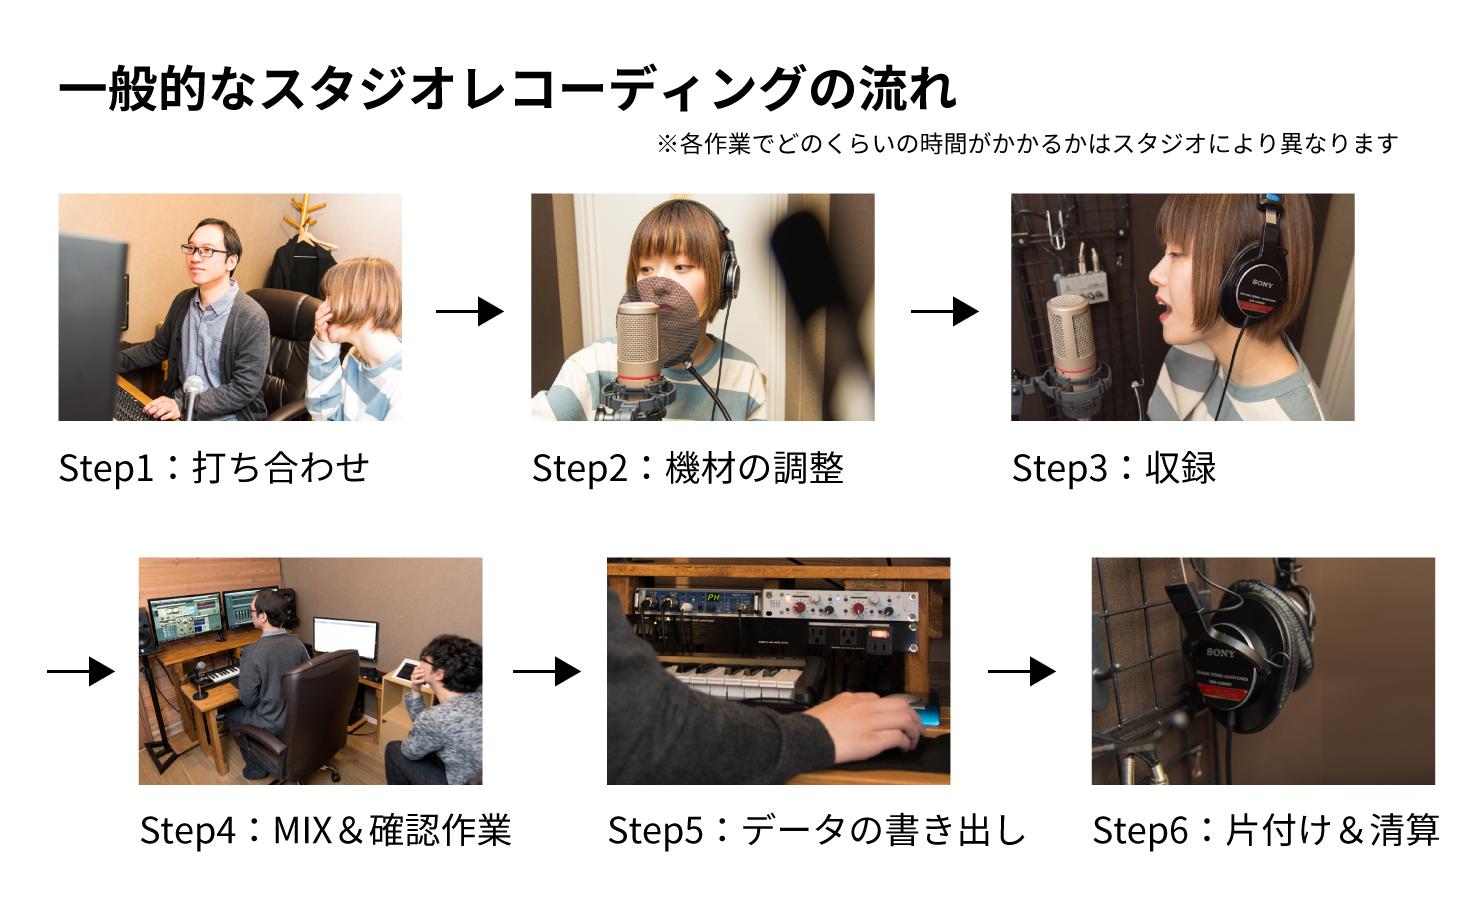 一般的なスタジオレコーディングの流れ